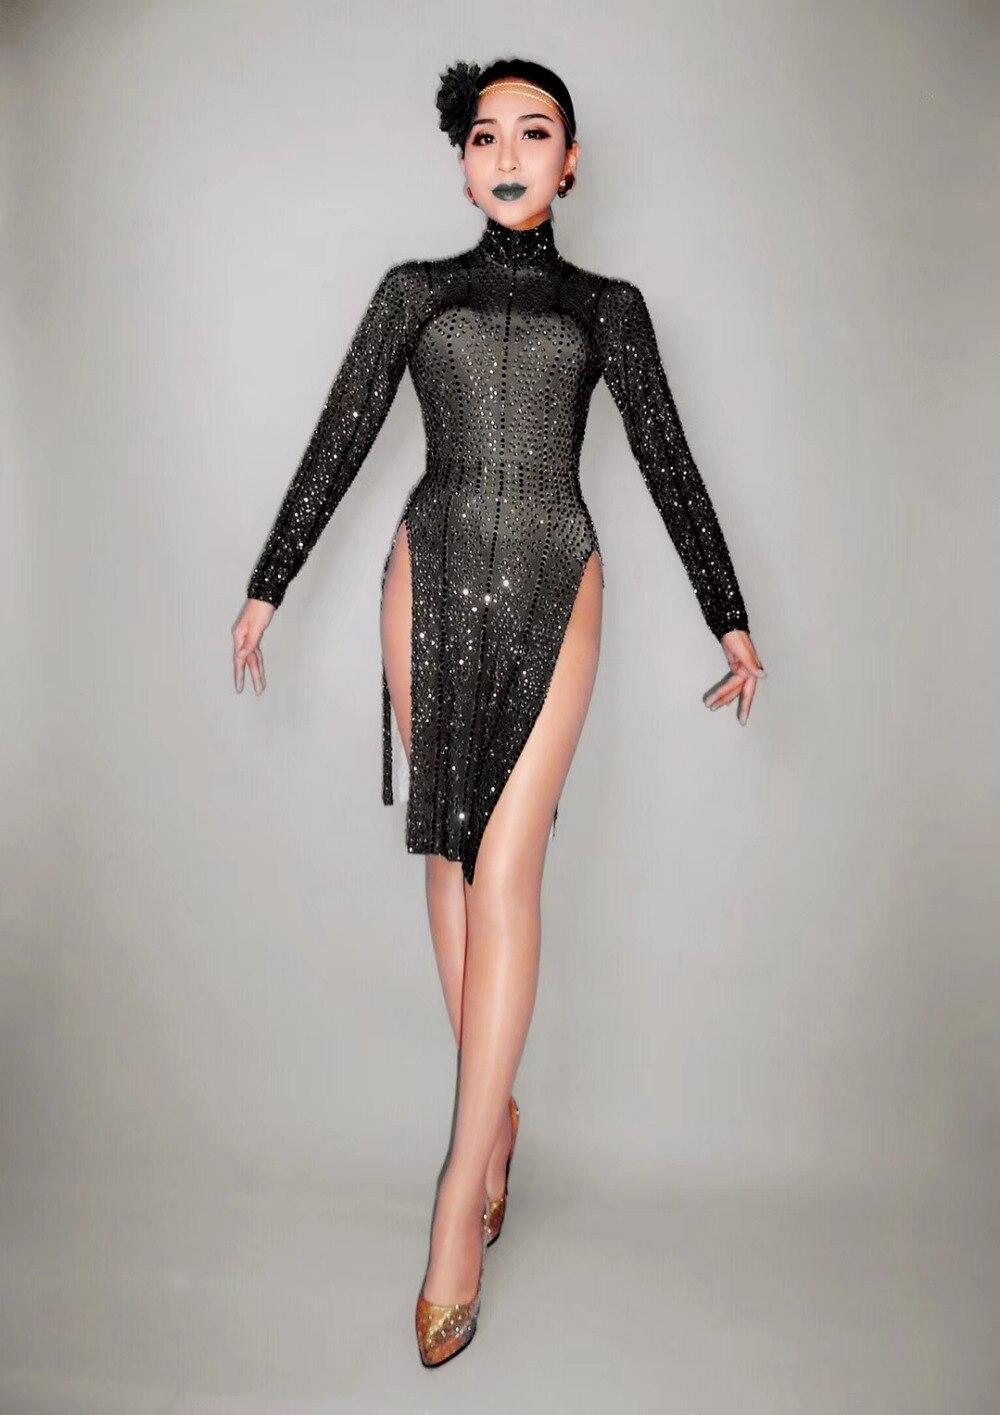 Noir violet brillant strass robe discothèque femme Costume femmes fête d'anniversaire célébrer tenue chanteur danse Show robes